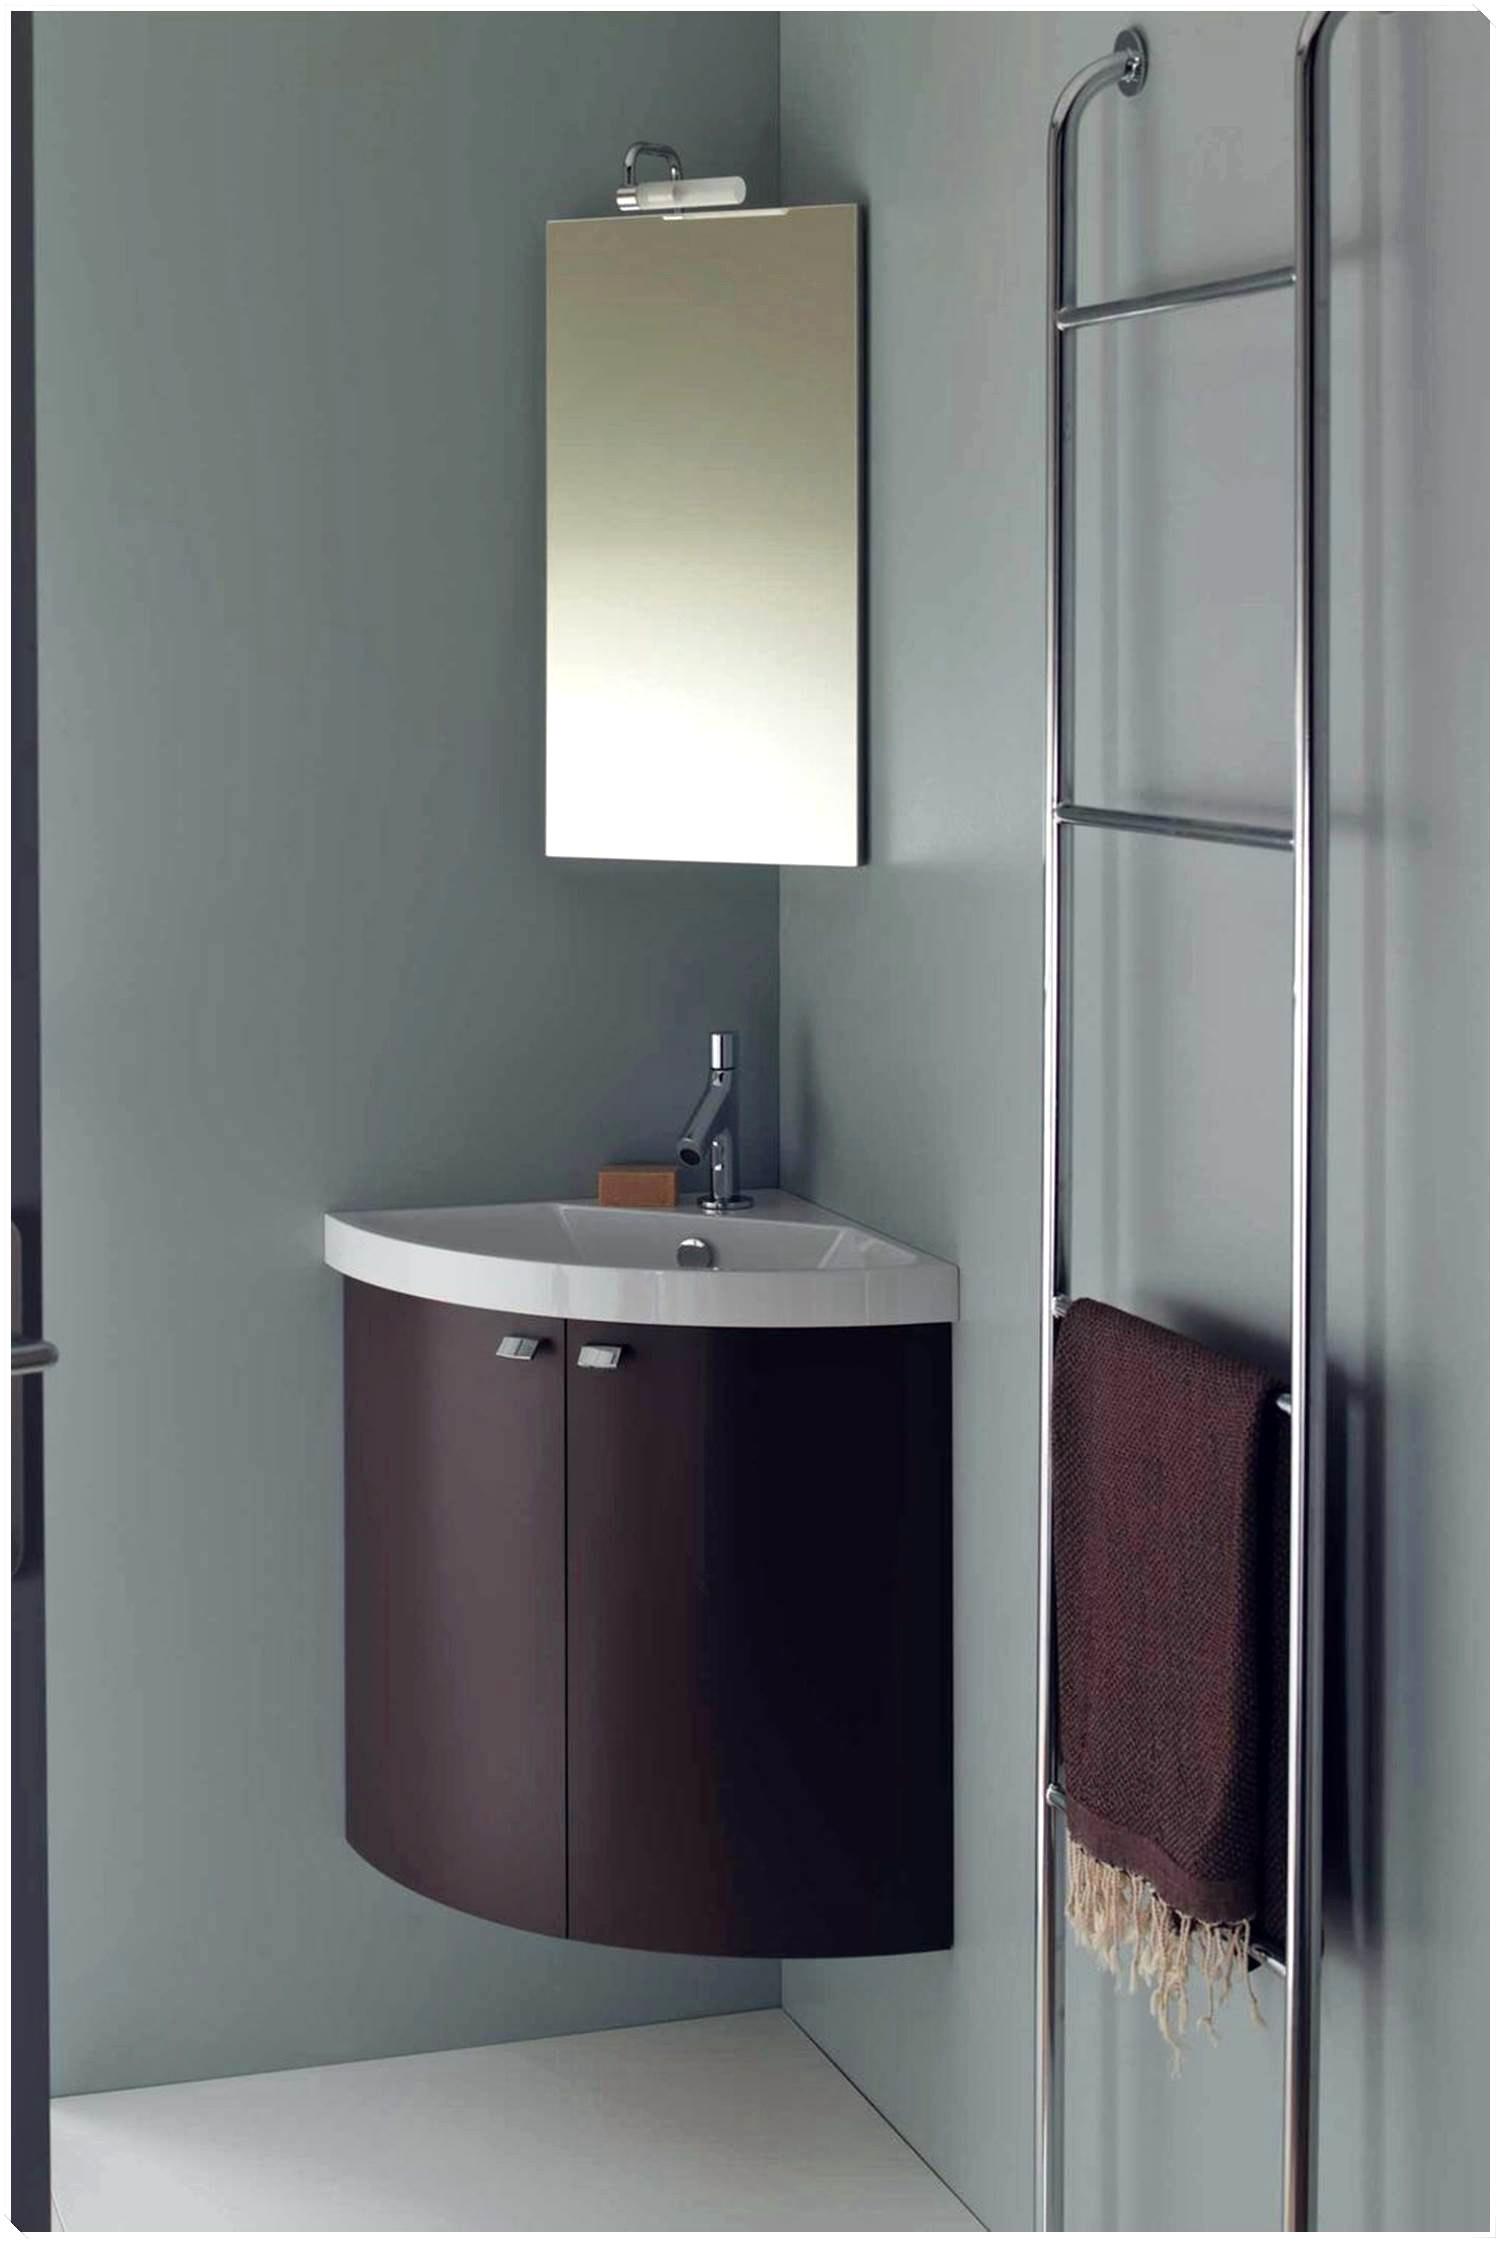 Leroy Merlin Armoire De toilette Unique Photographie Armoire toilette Angle Finest Meuble D Angle Limoges Idee Armoire